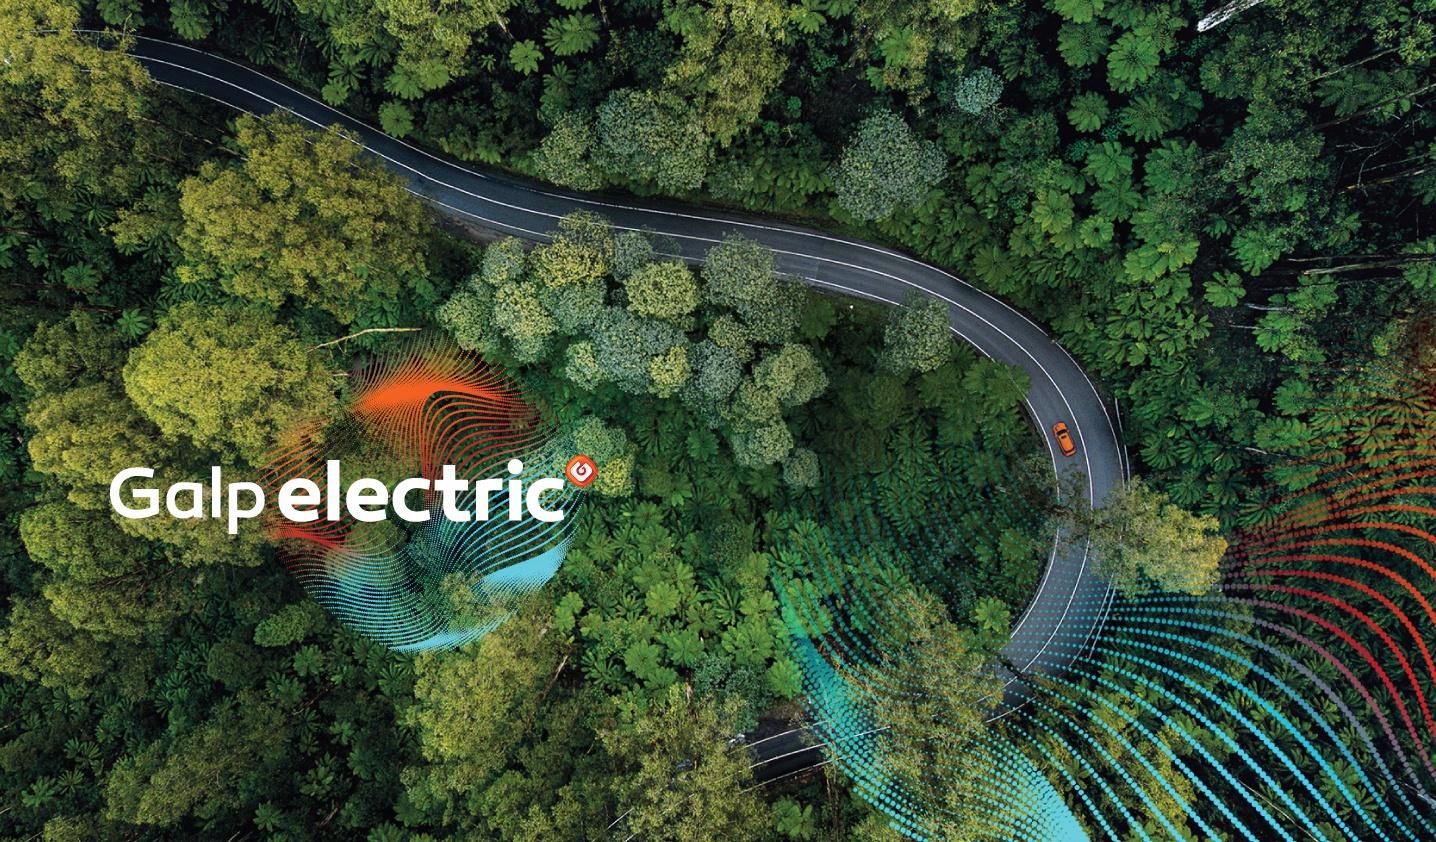 O futuro chegou, e chama-se Galp Electric